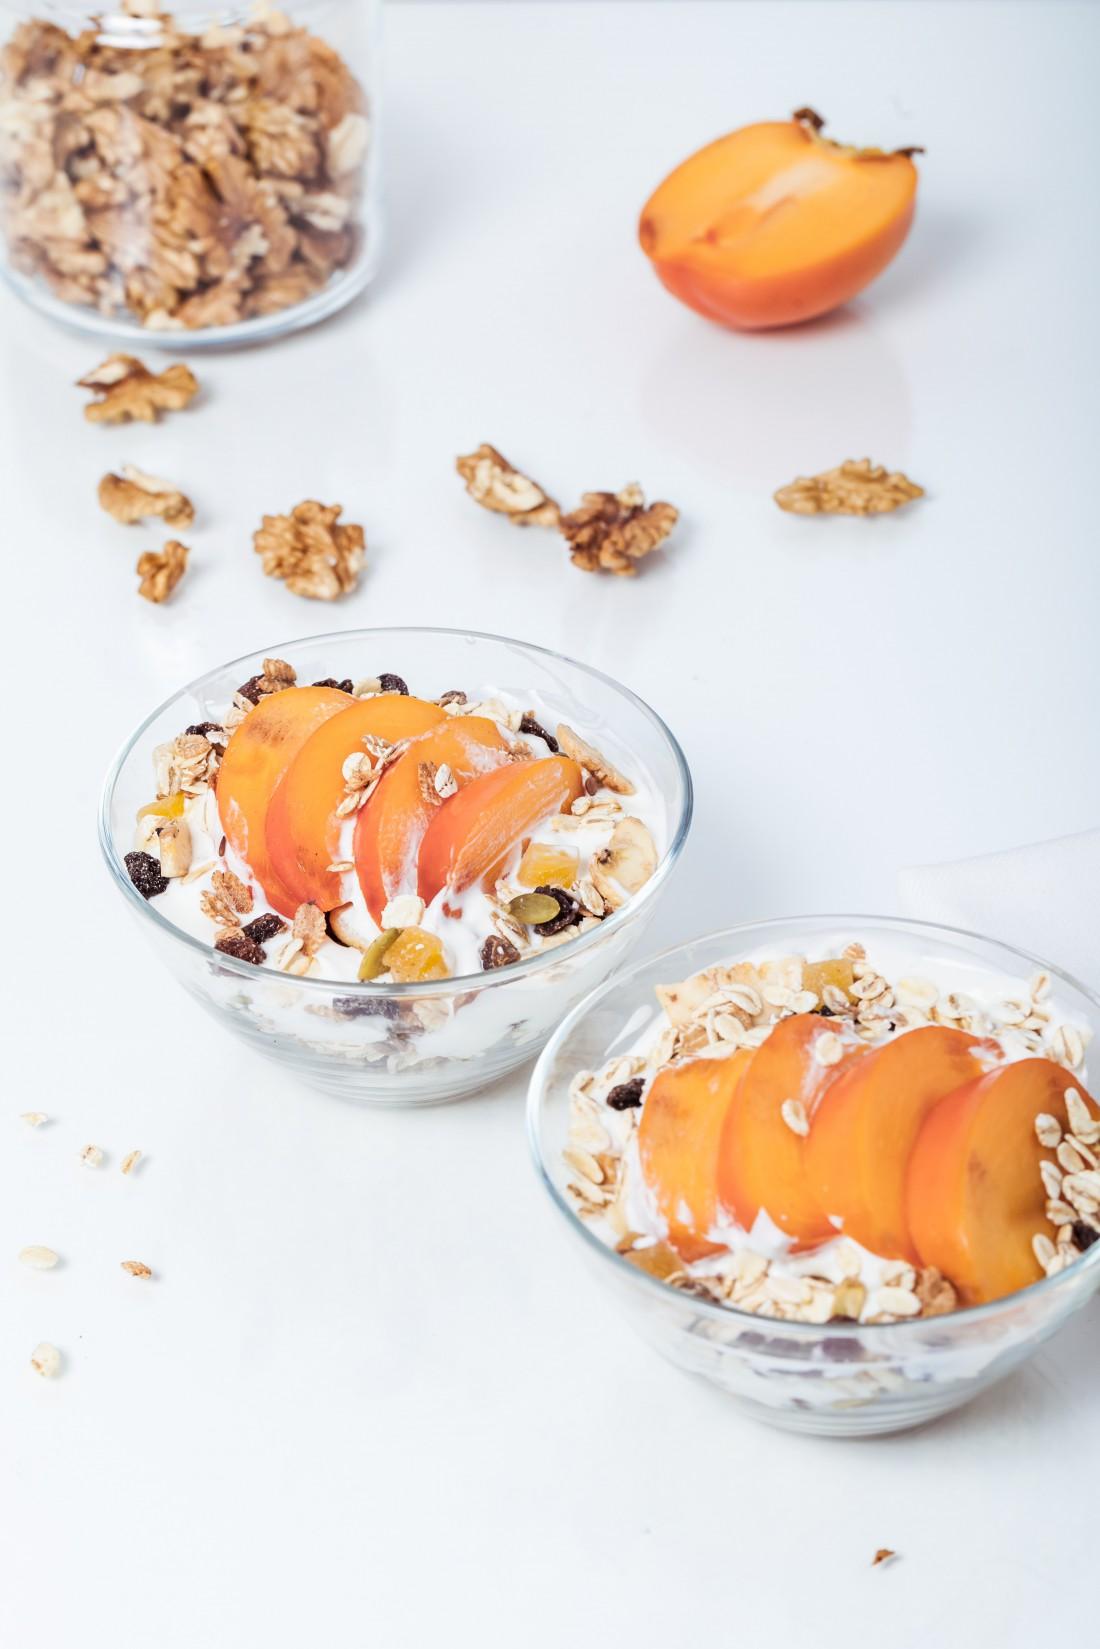 Вкусные и здоровые рецепты вы можете приготовить вместе